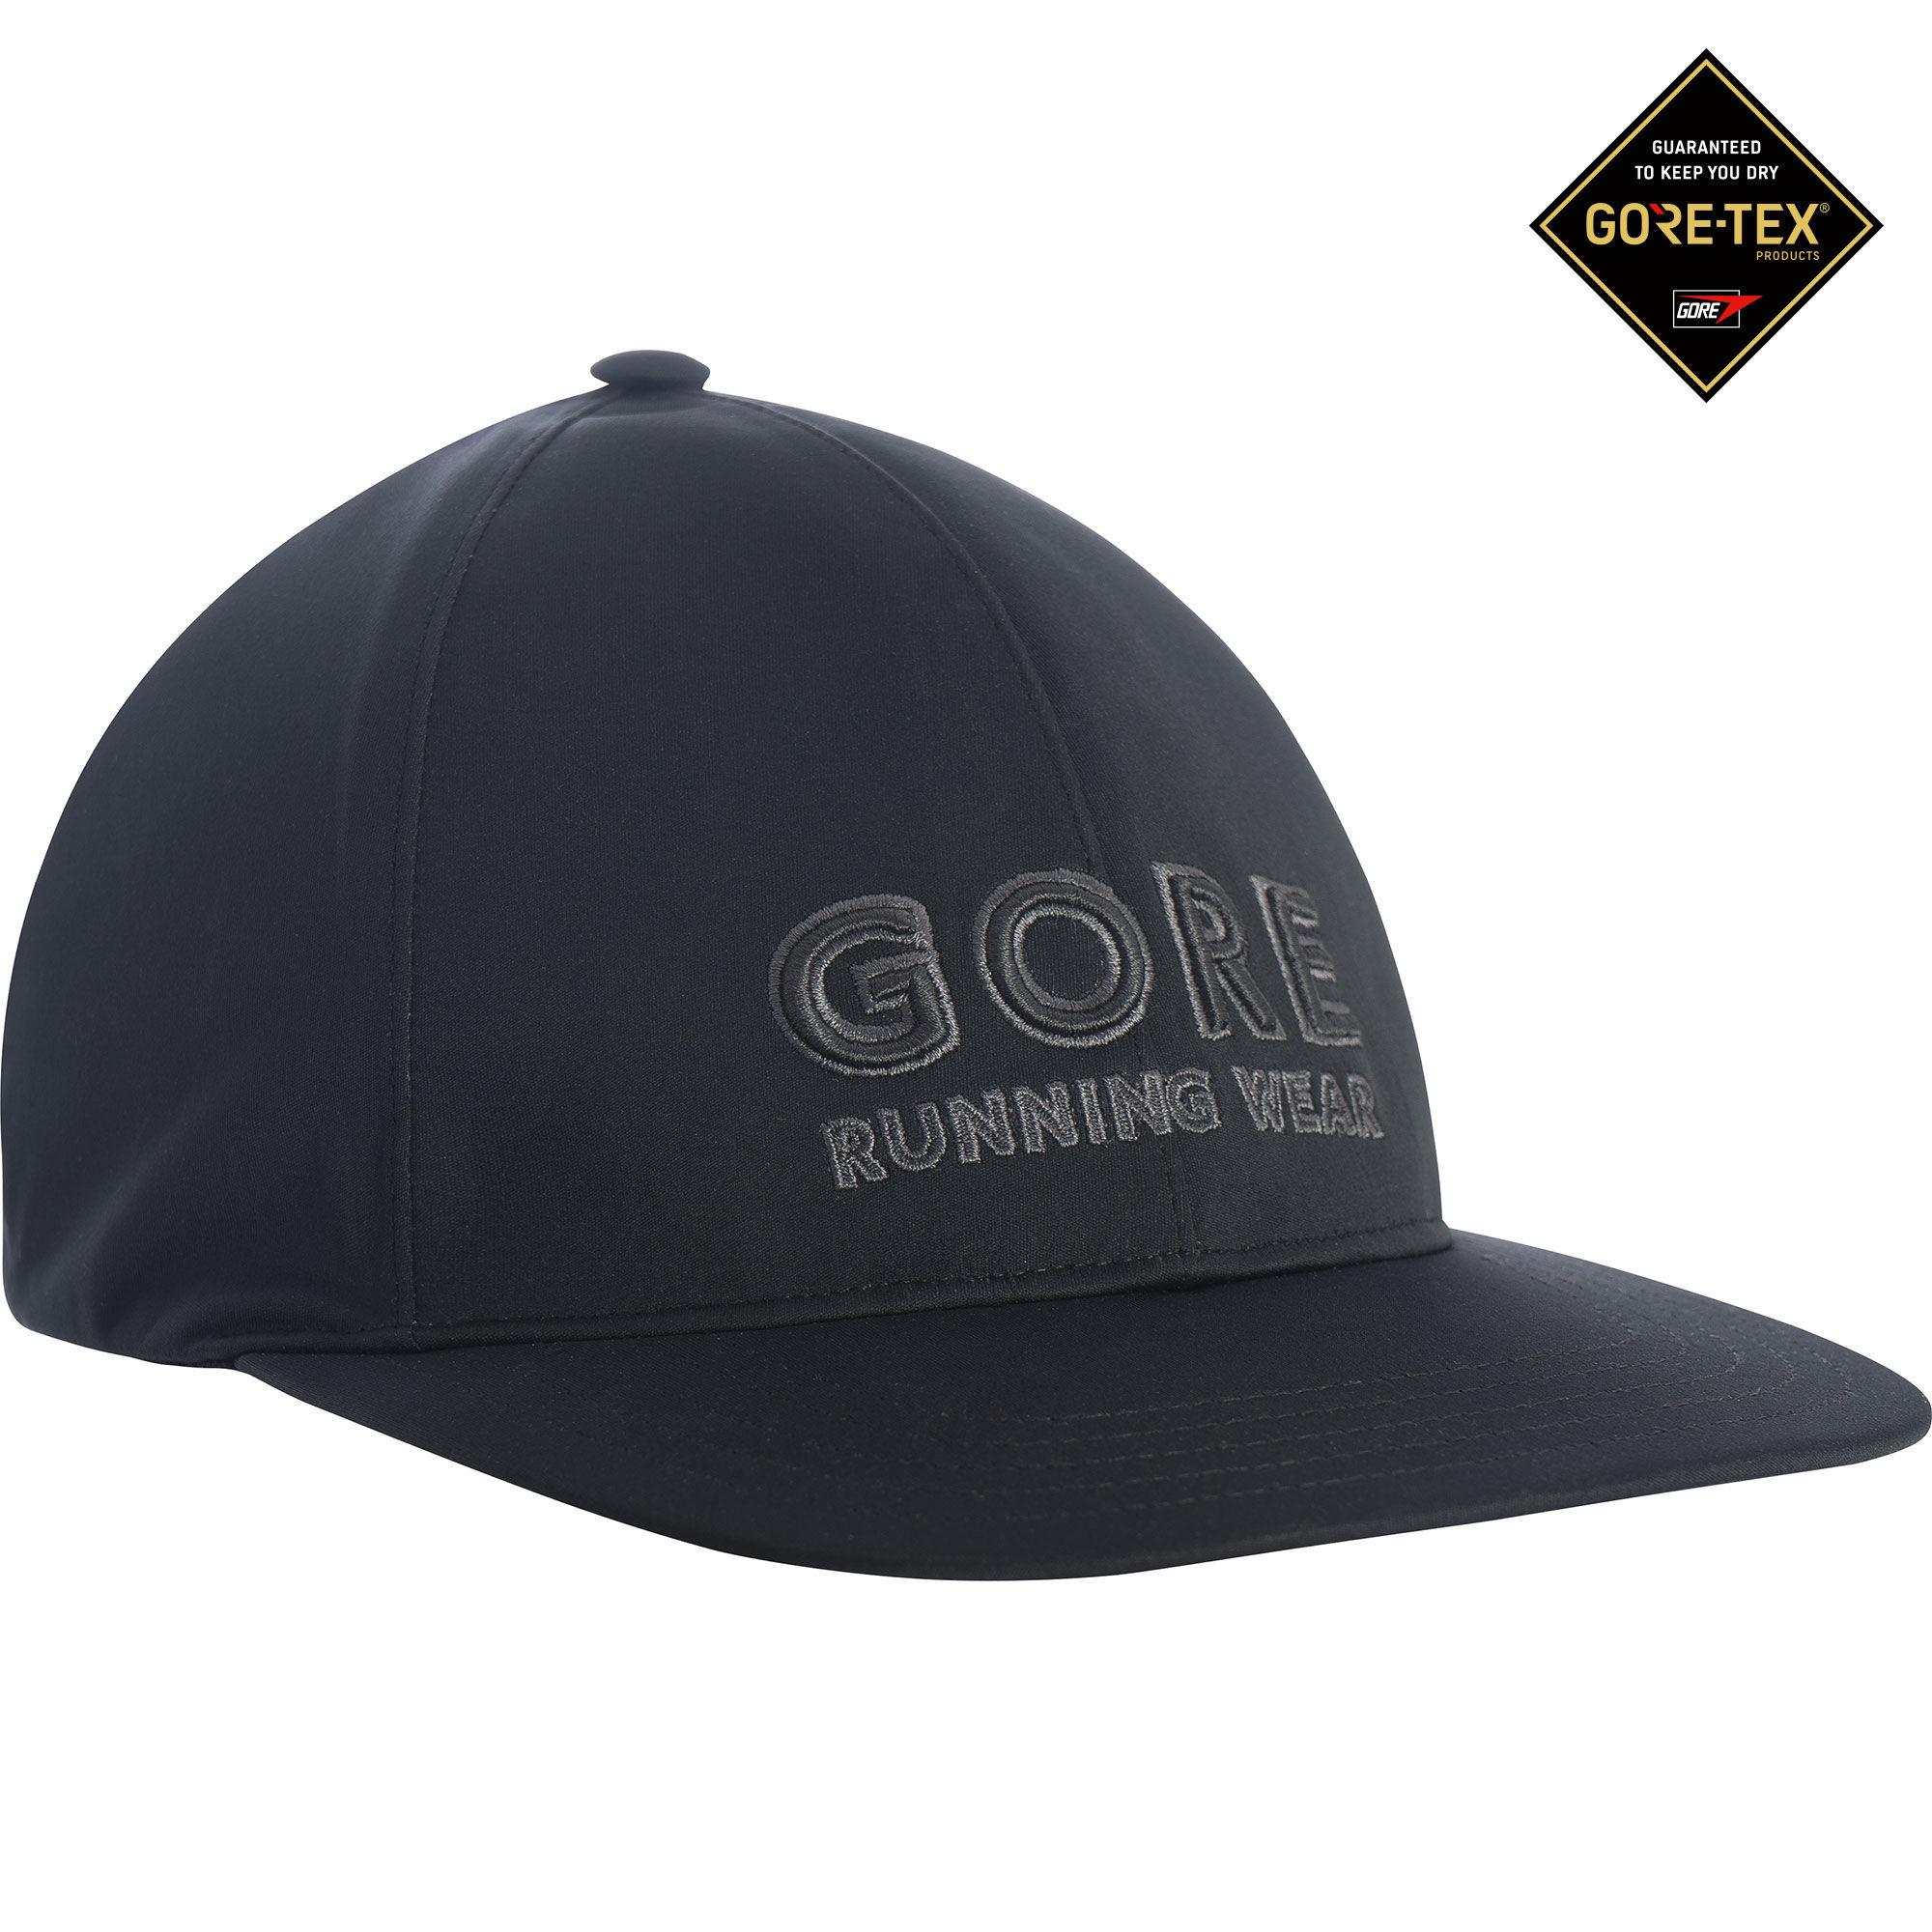 Gore Essential GTX Team Cap (Schwarz)